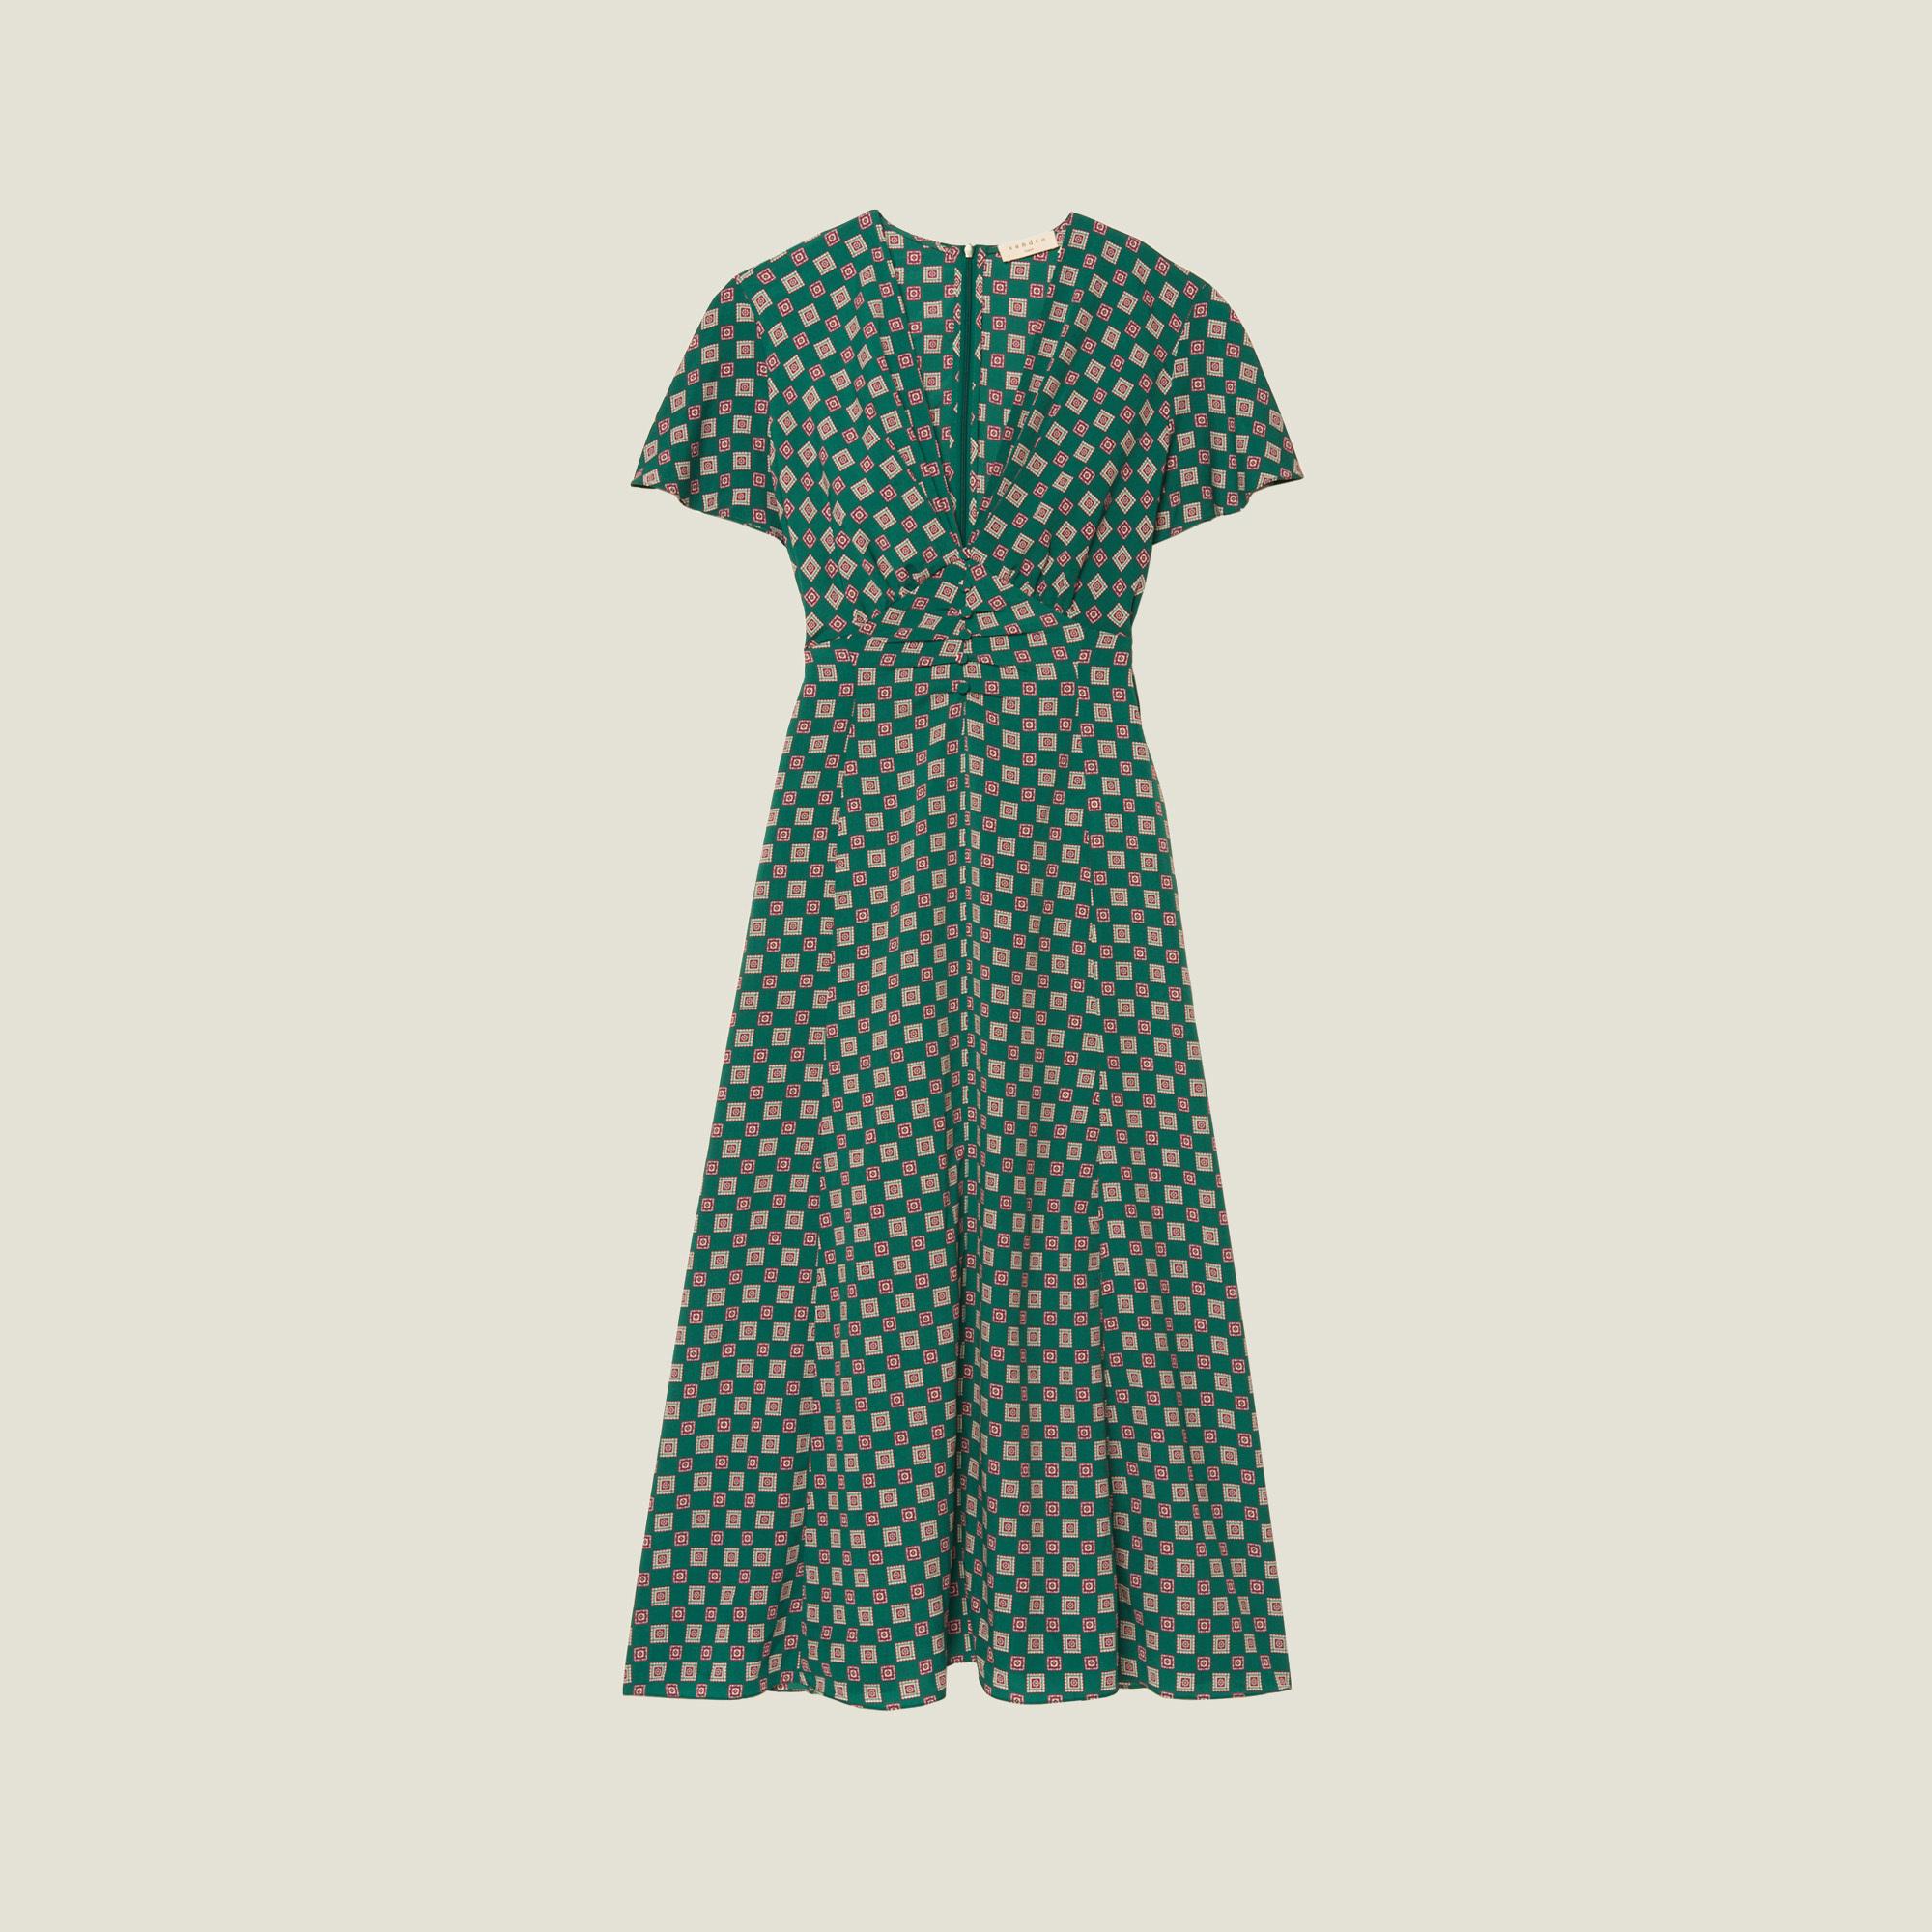 Vestido de Sandro Paris (195 euros)